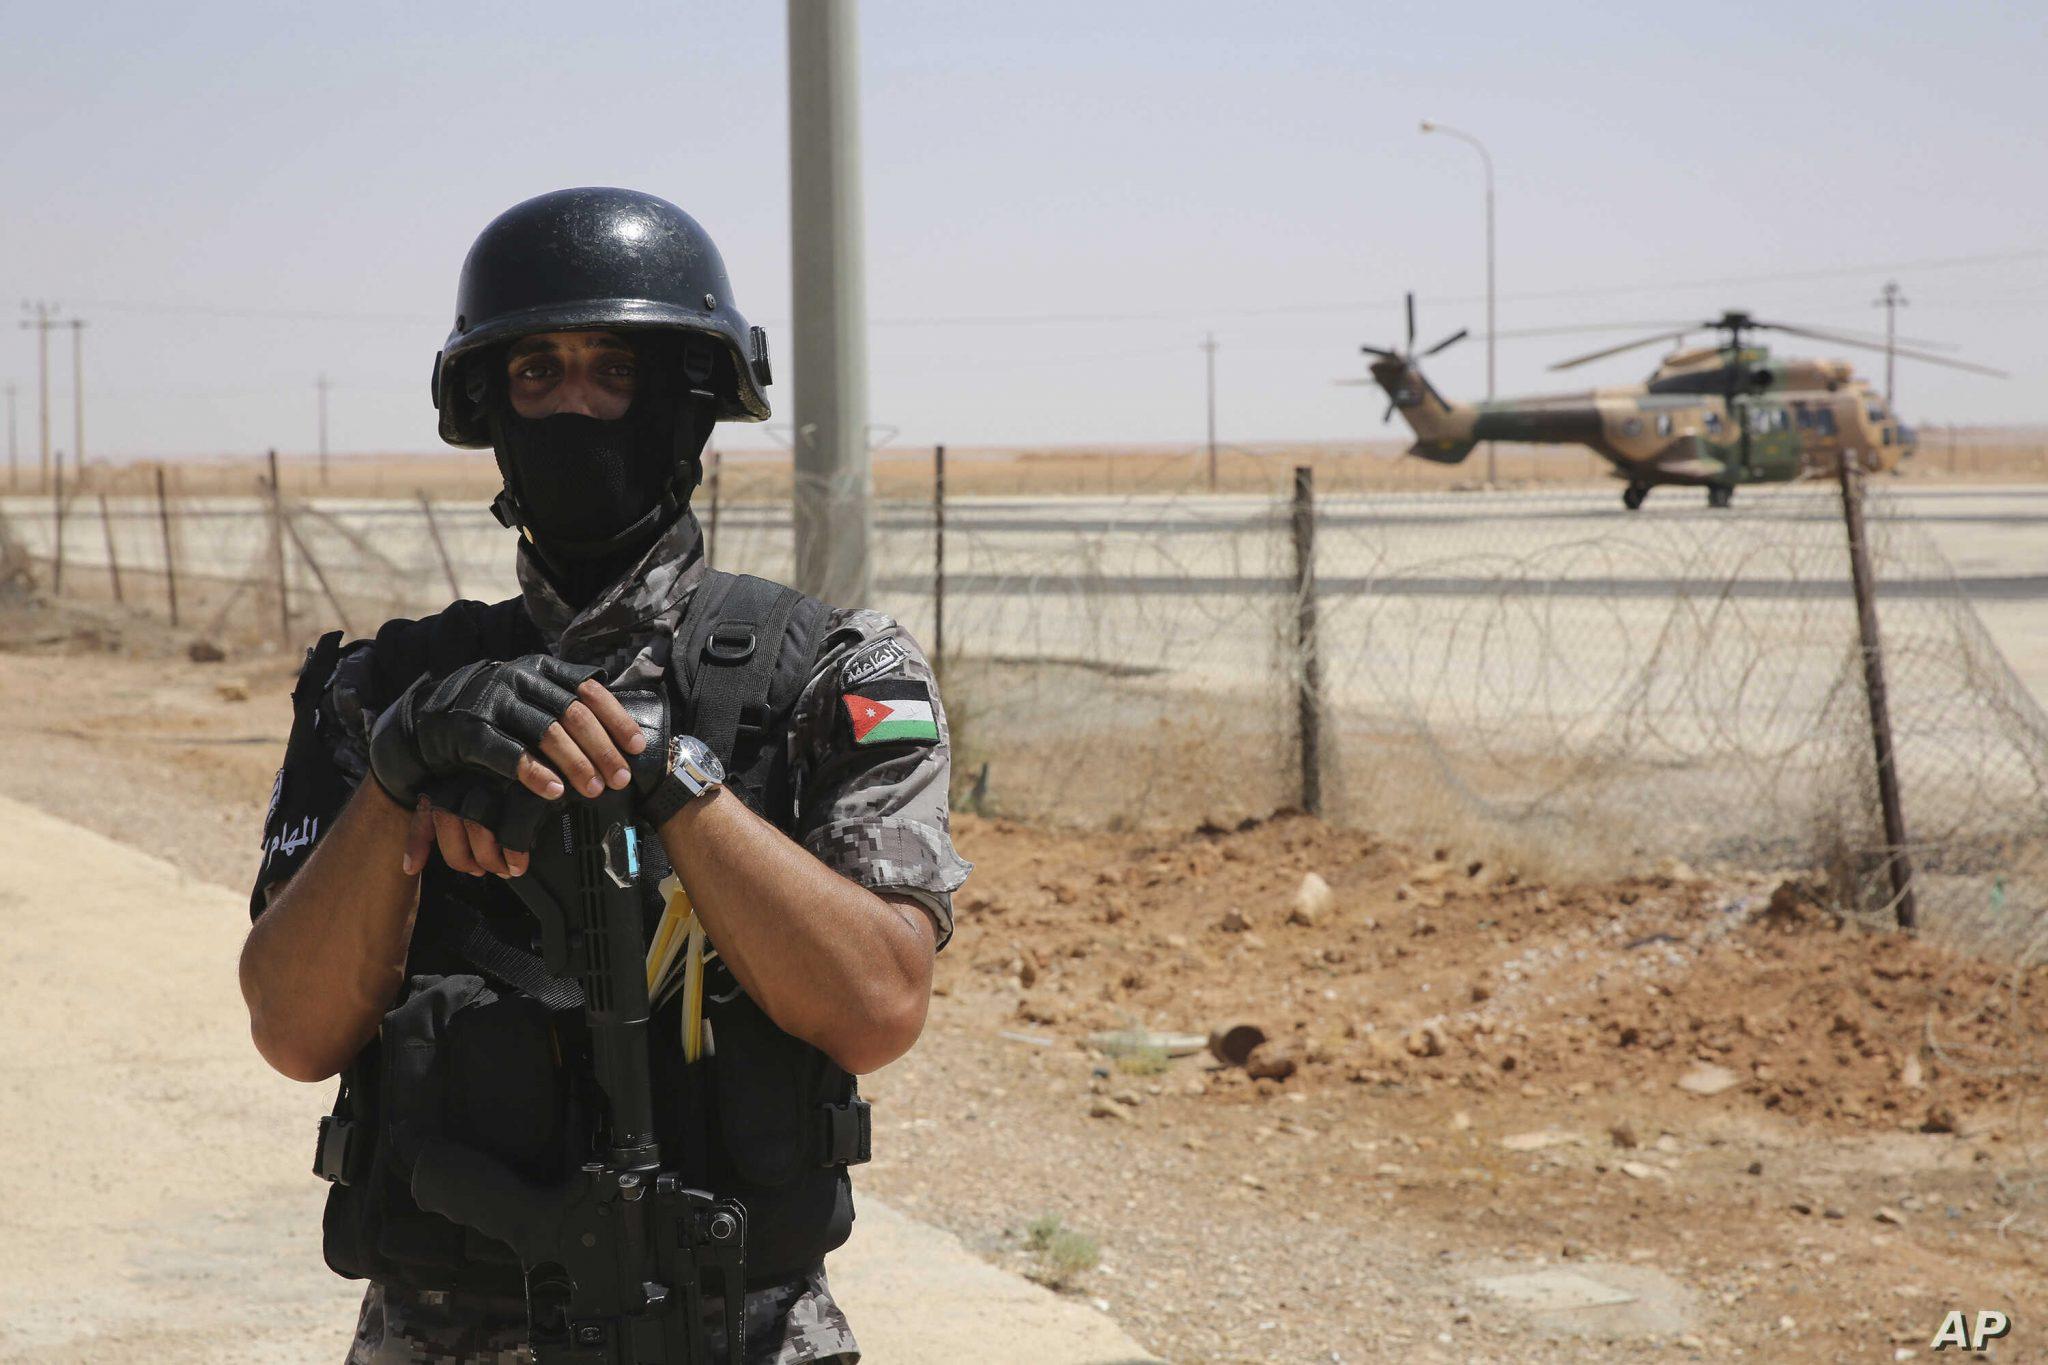 صورة ماذا يحدث في الأردن؟